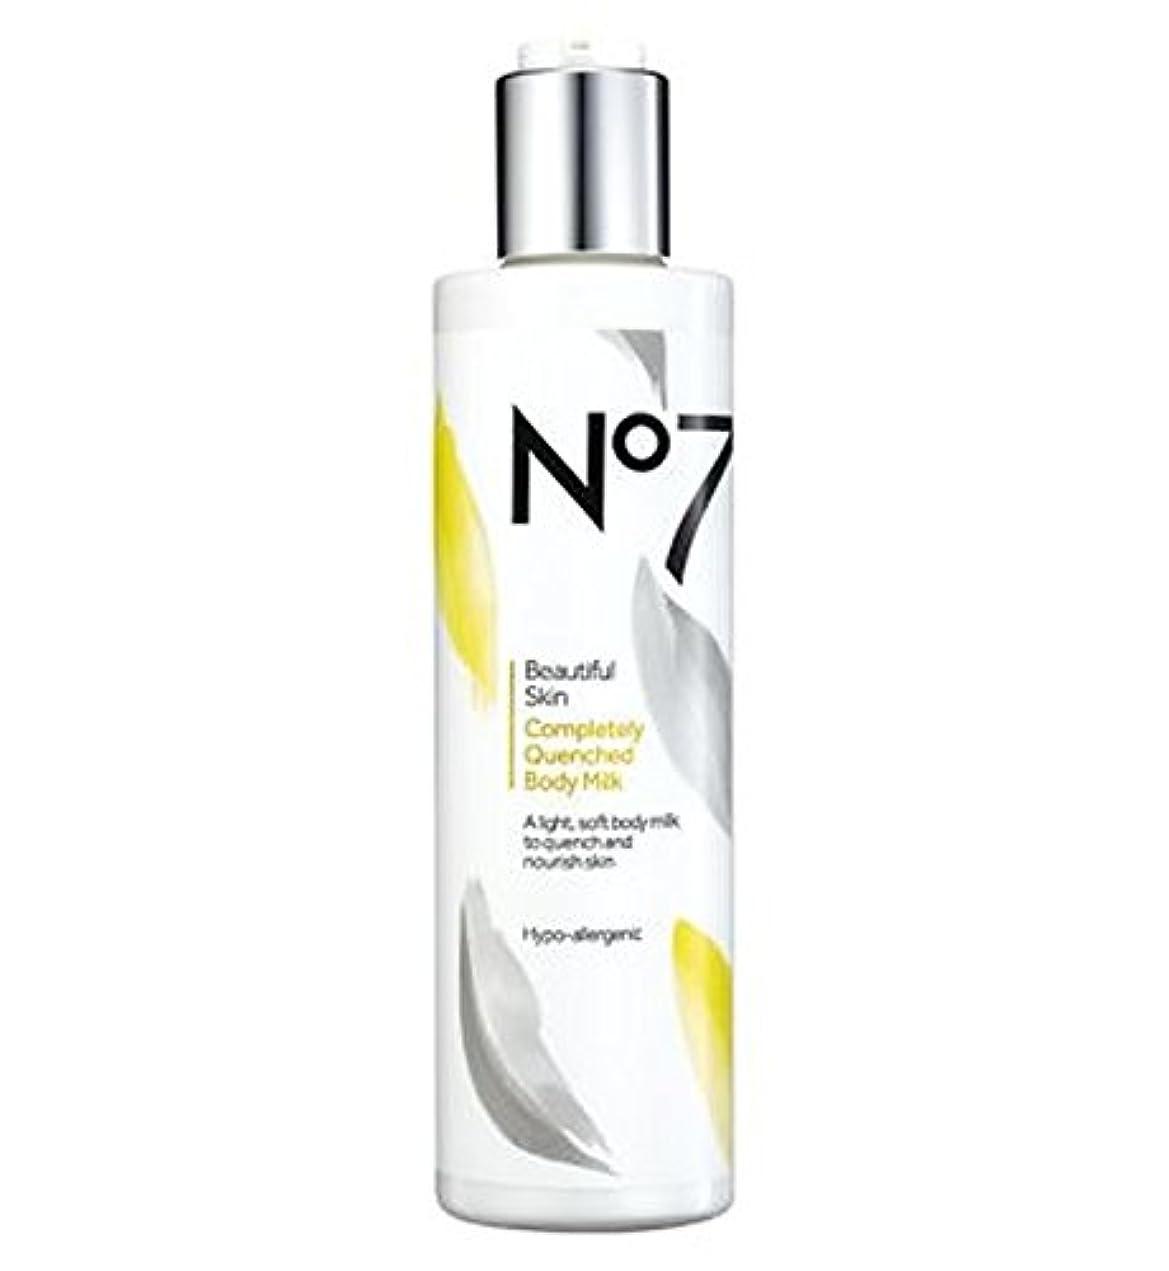 事重さ会社No7美しい肌完全に急冷ボディミルク (No7) (x2) - No7 Beautiful Skin Completely Quenched Body Milk (Pack of 2) [並行輸入品]